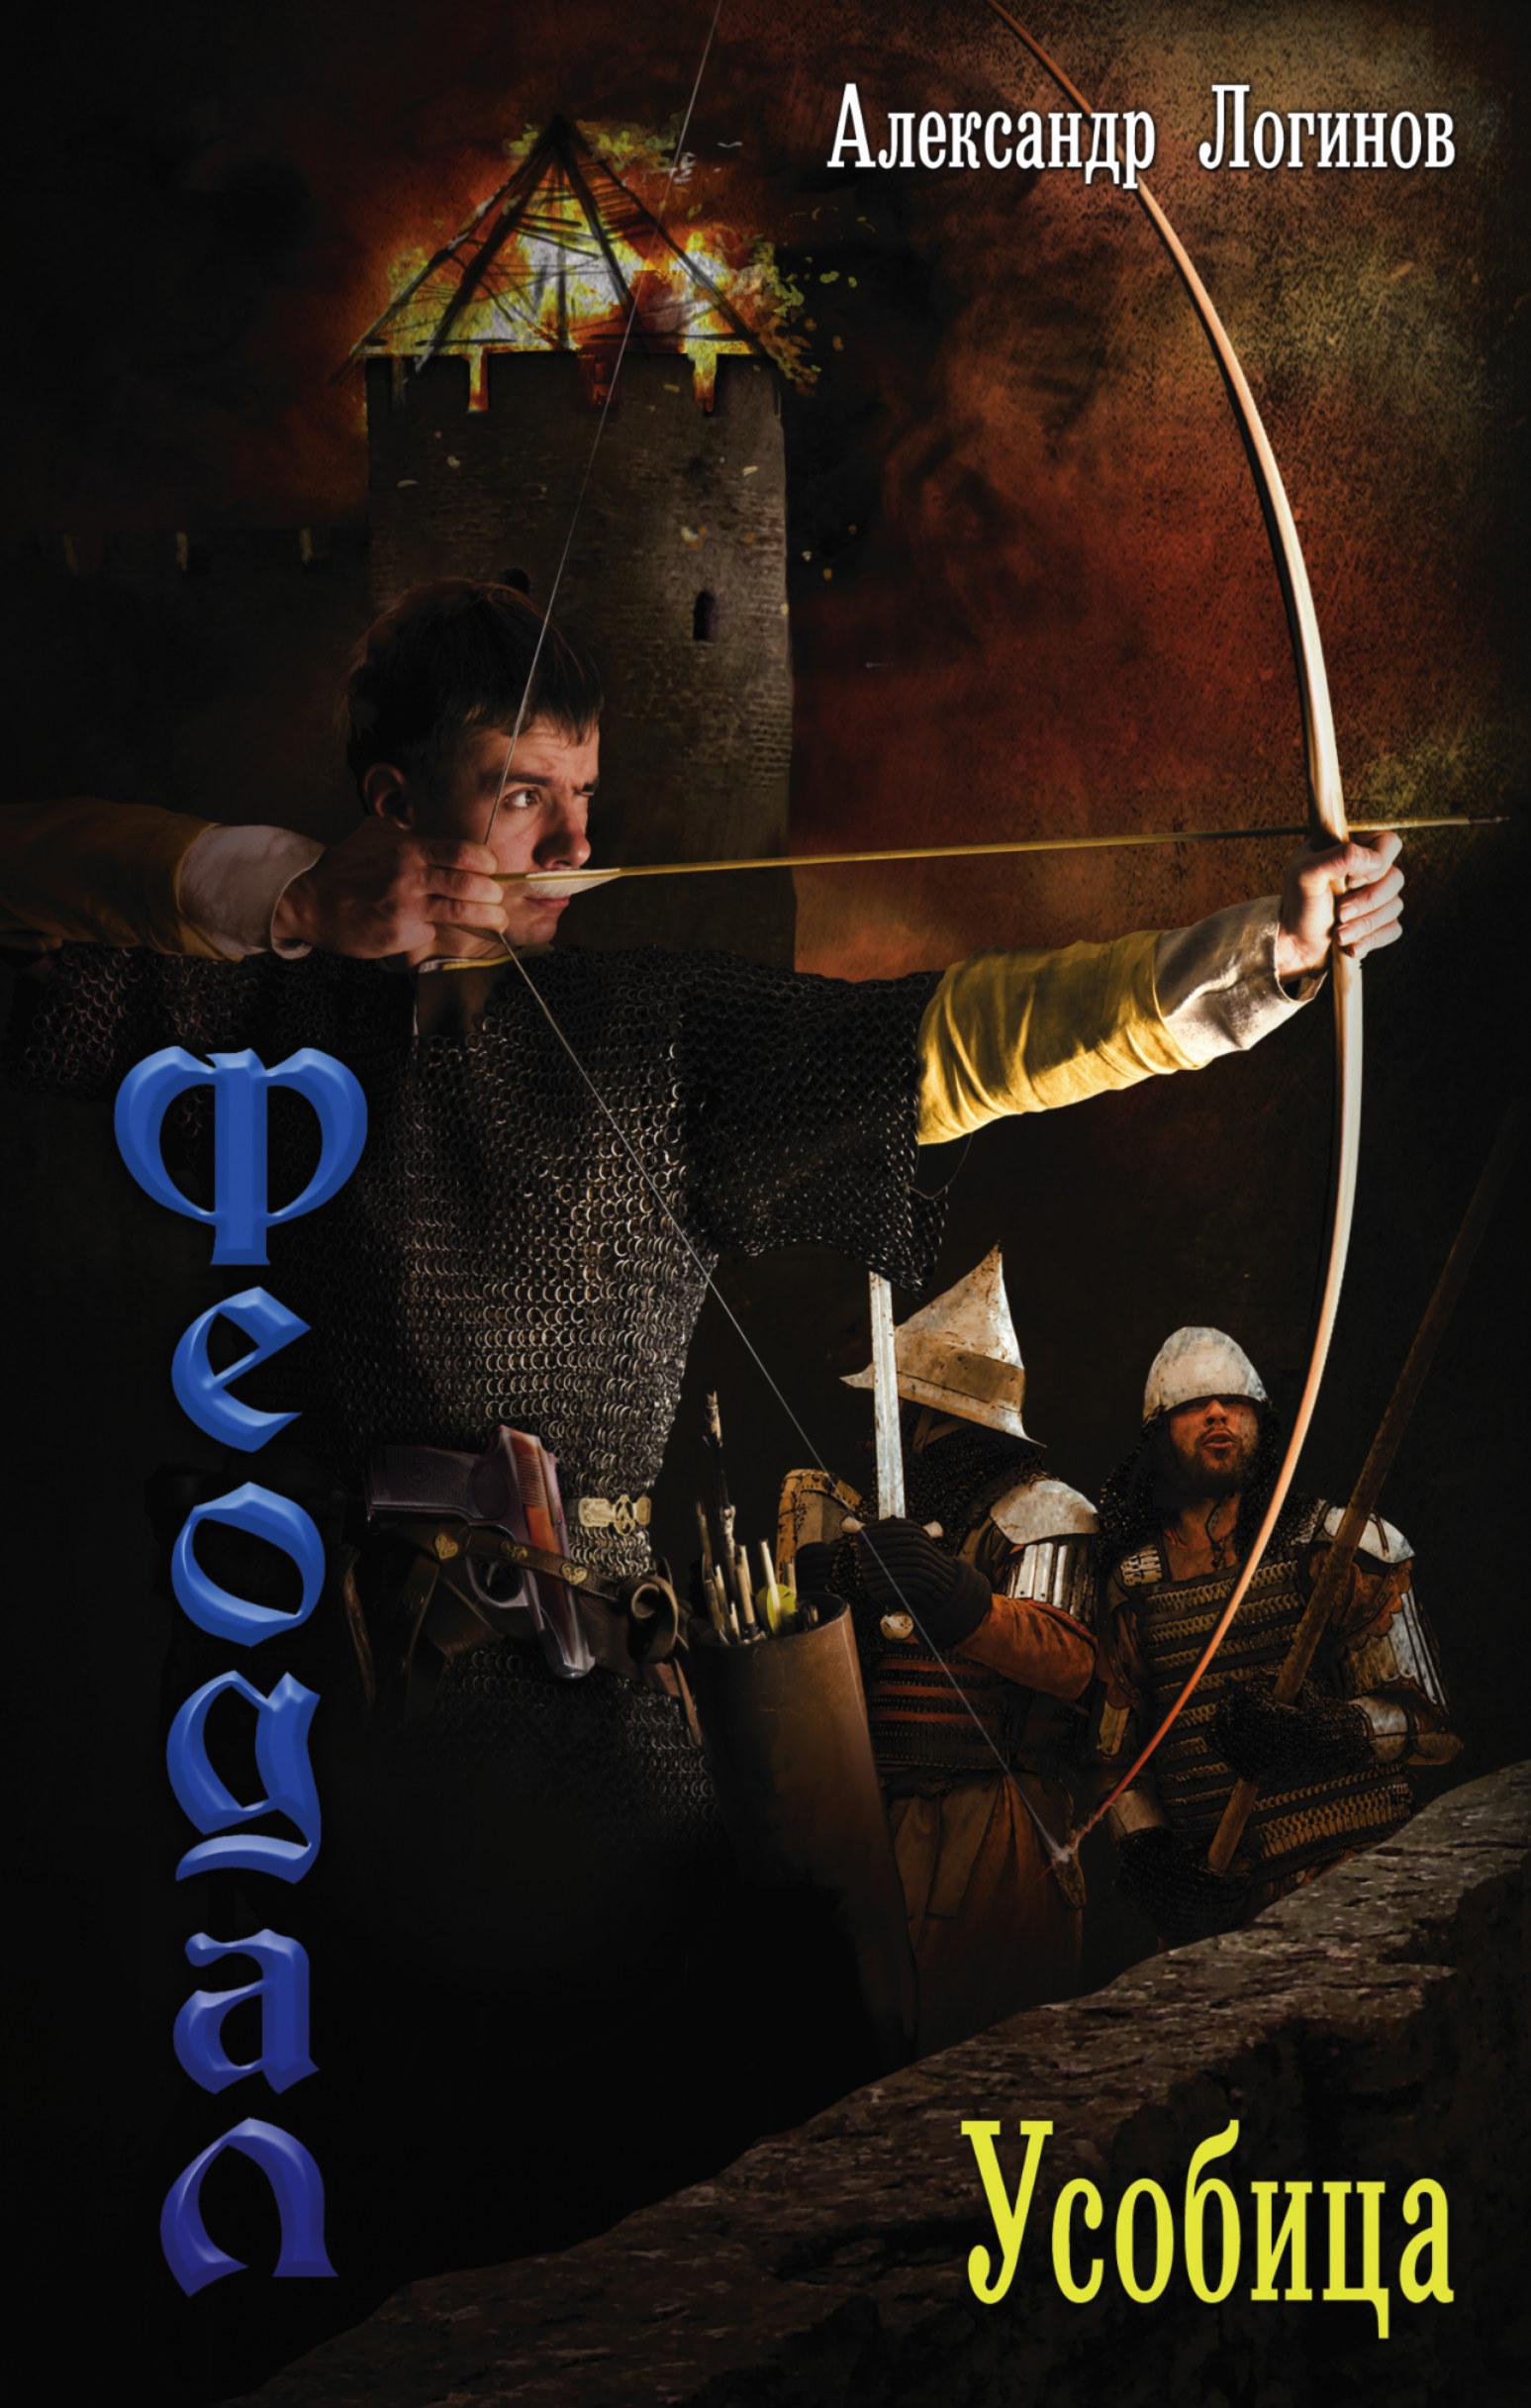 пускач читать книги александра логинова серия феодал усобица игр разных